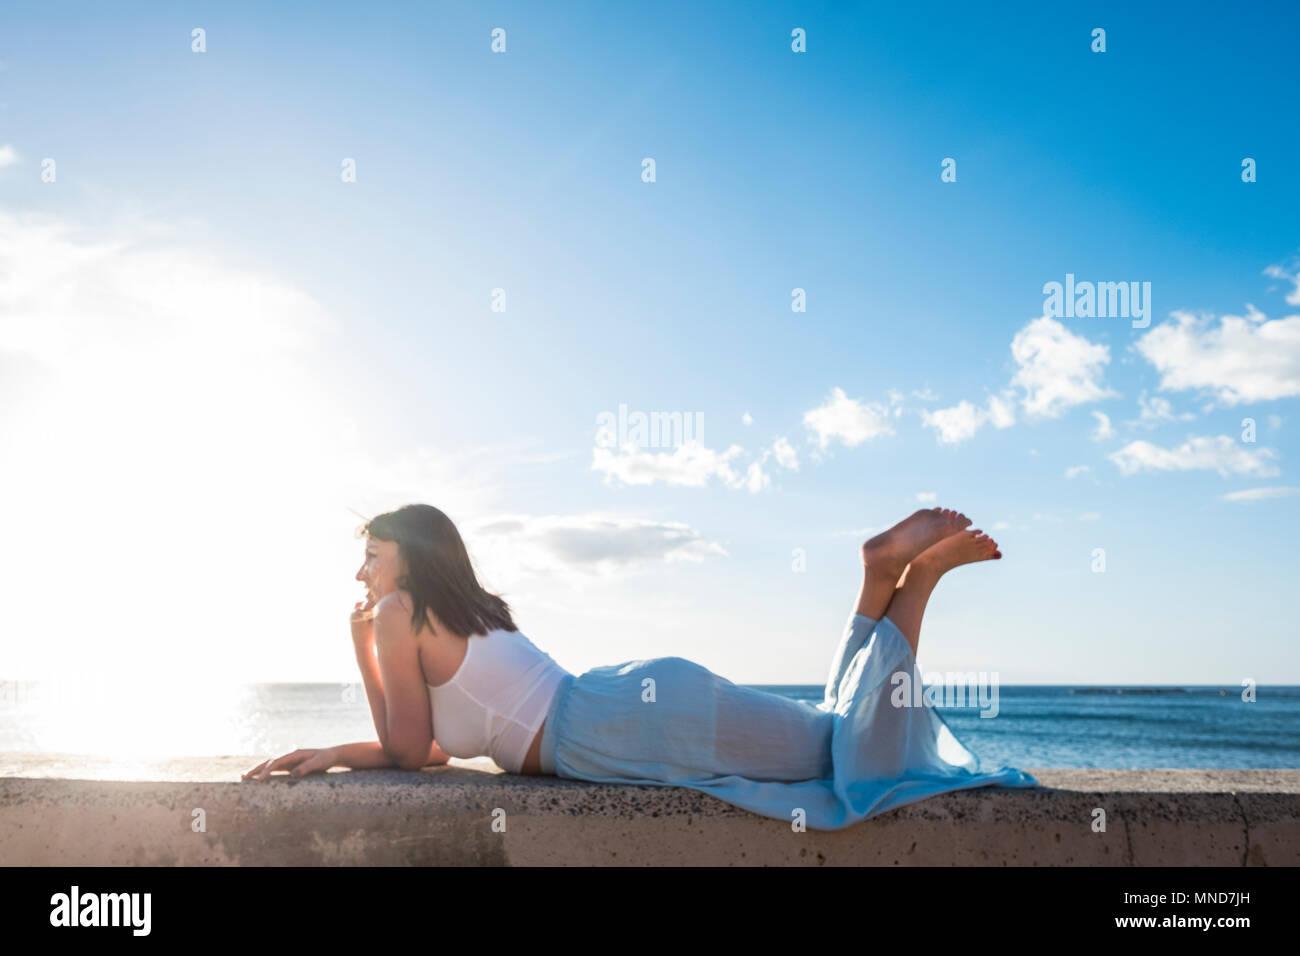 Capelli lunghi spagnolo giovane donna erlaxing stabilisce su una parete vicino alla spiaggia. La luce del sole per la sua bellezza viso, il sorriso e godere del tempo. Immagini Stock